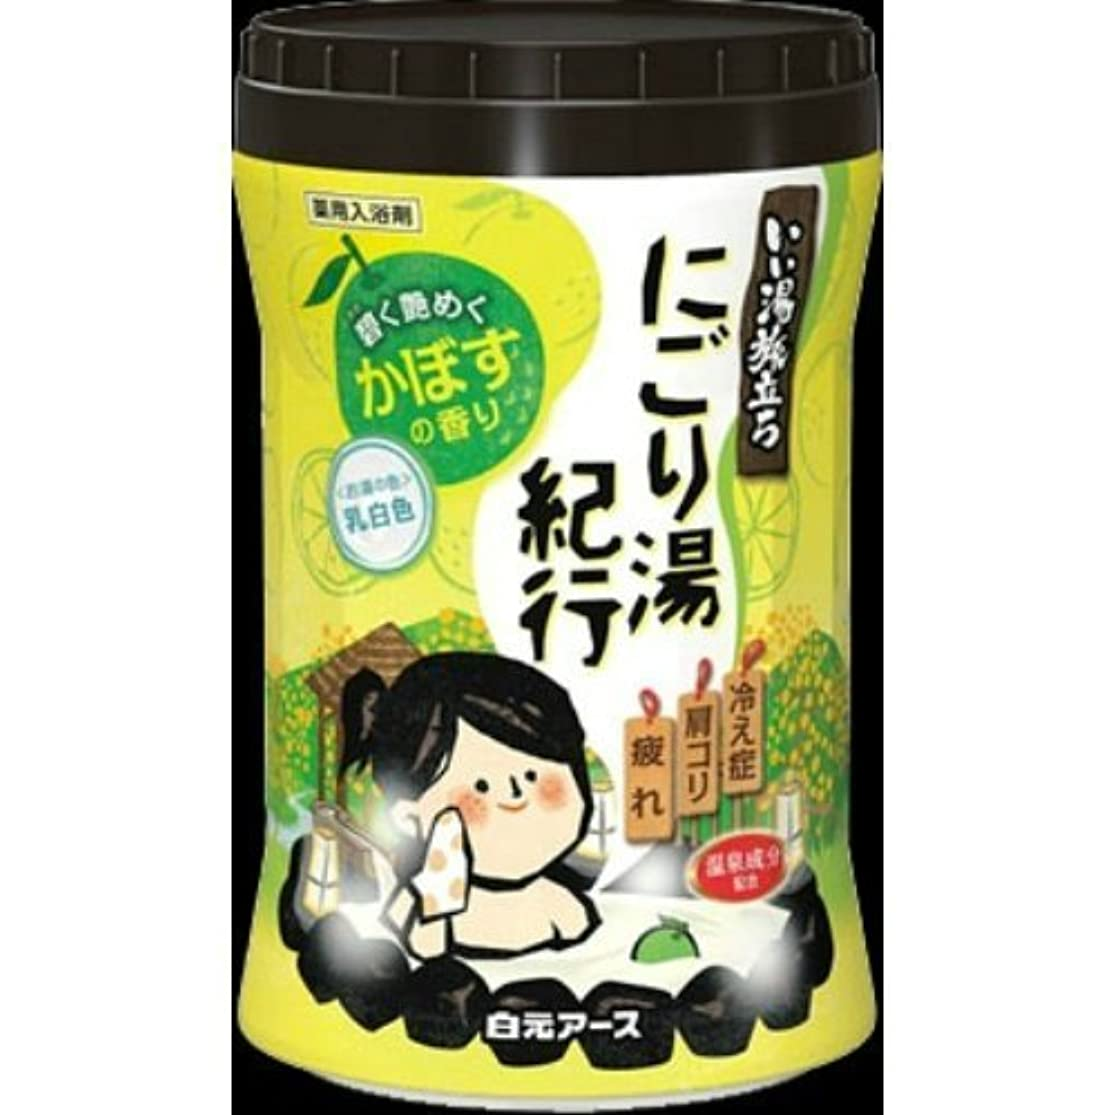 贈り物入場料ダイアクリティカルいい湯旅立ちボトル にごり湯紀行 かぼすの香り600g × 15個セット